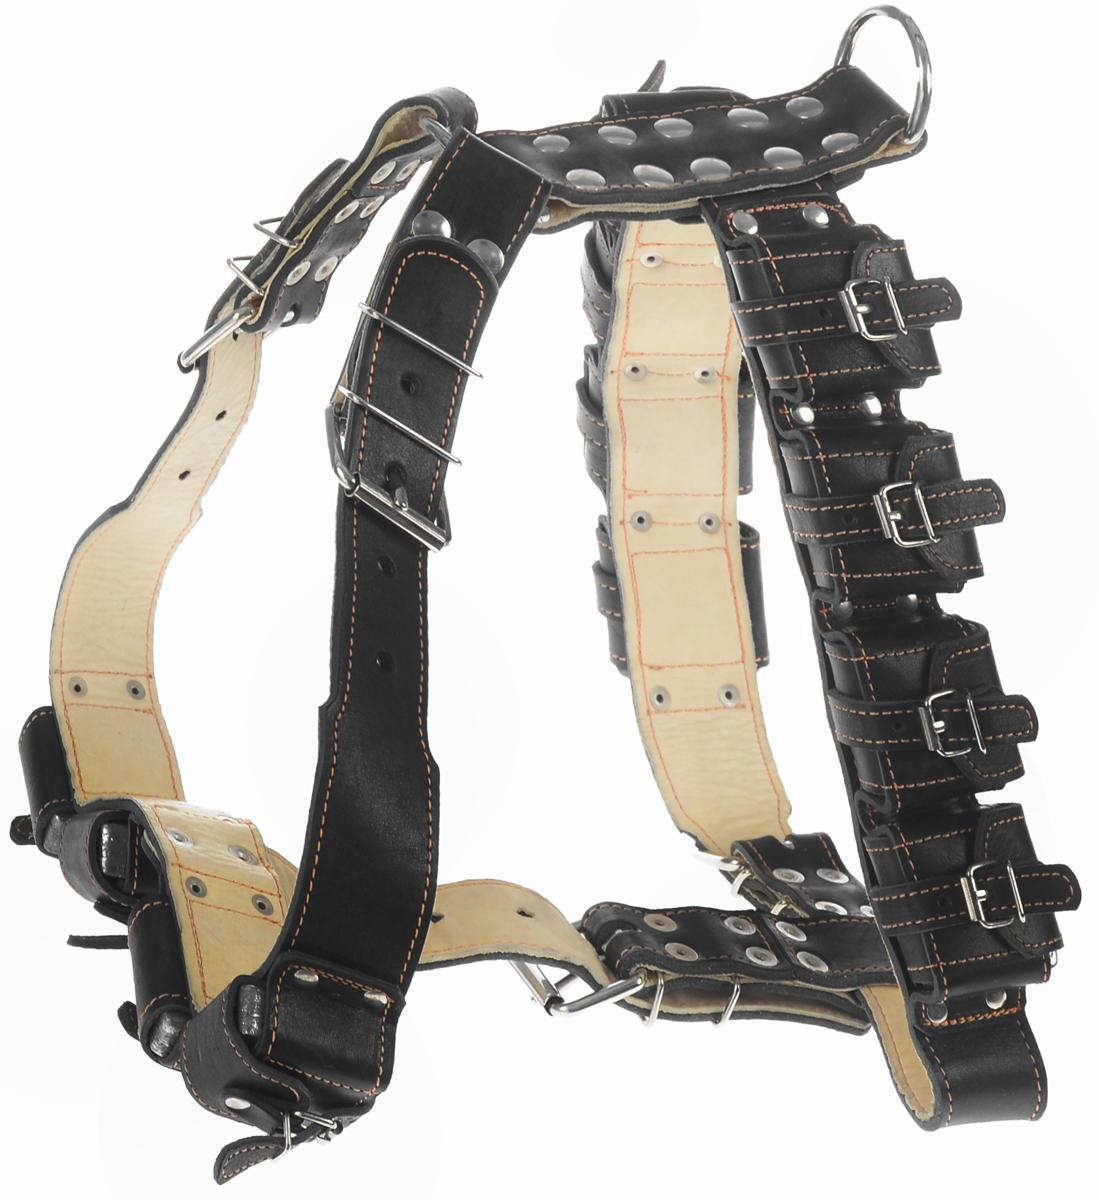 Шлея для собак CoLLaR, с утяжелителями, цвет: черный, бежевый, ширина 4,5 см, обхват груди 92-100 смDM-160131-1Шлея CoLLaR, выполненная из натуральной кожи, оснащена утяжелителями и может использоваться при выгуле или дрессировке бойцовых и служебных собак крупных пород при нехватке нагрузки и недостаточной мышечной массе. Нагрузку можно регулировать путем изъятия грузиков из расстегивающихся карманов.Крепкие металлические элементы делают ее надежной и долговечной. Размер регулируется при помощи пряжки. Шлея для собак CoLLaR отличается высоким качеством, удобством и универсальностью.Обхват груди: 92-100 см.Обхват шеи: 76-91 см.Ширина шлеи: 4,5 см.Количество грузиков: 12.Вес грузика: 450 г.